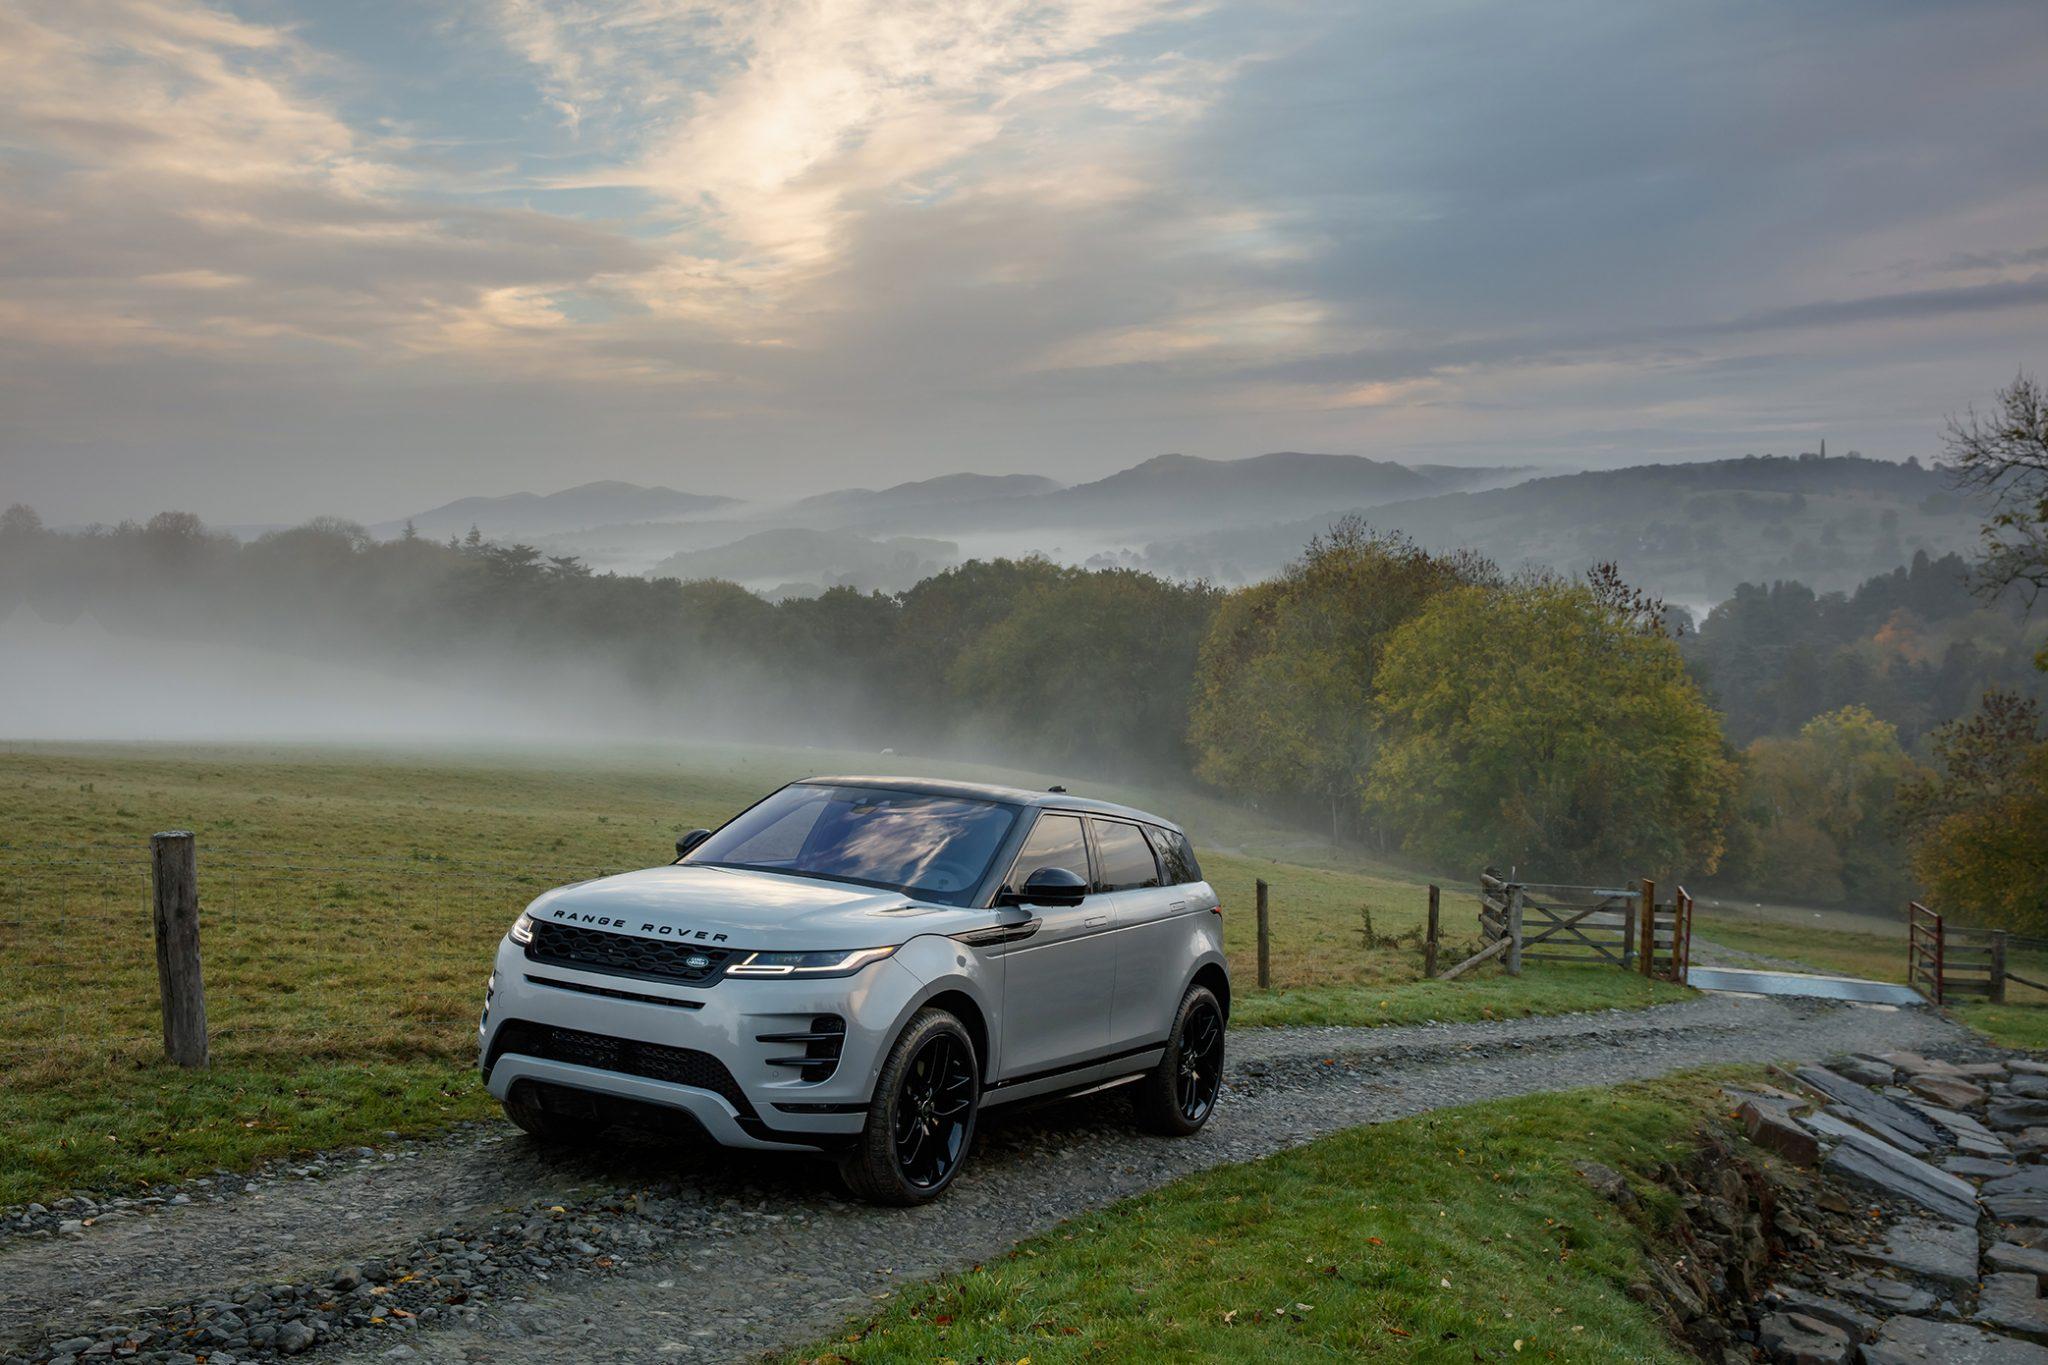 Range Rover Evoque 2019 Seitenansicht Front Silber Landschaft Berge